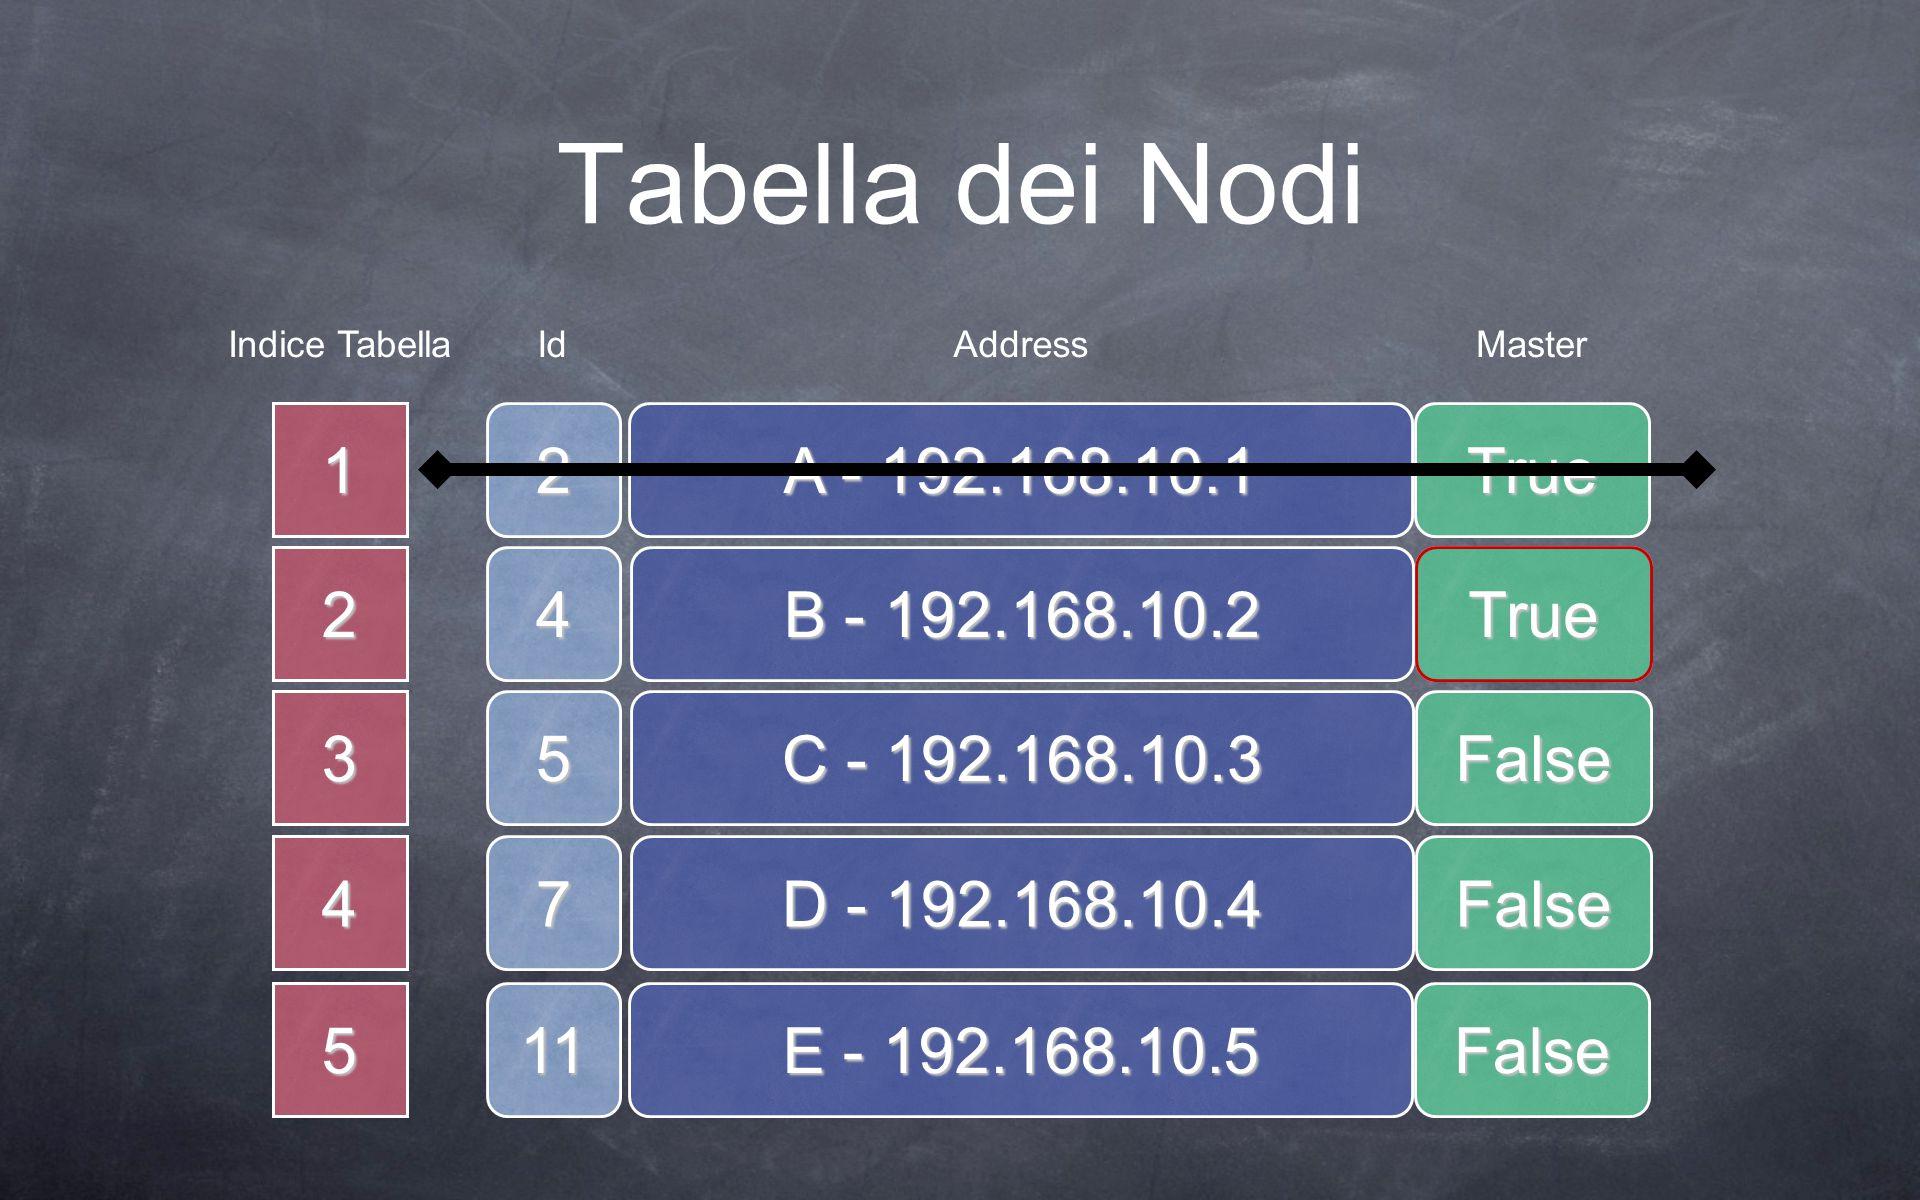 Costi Anello Multicast con Tabella dei Nodi Coerente su Tutti i nodi 1 + (n-1) + 1 = n+1 Messaggi Multicast con Tabella dei Nodi mantenuta solo su un nodo Gestore 1 + (1) Messaggi